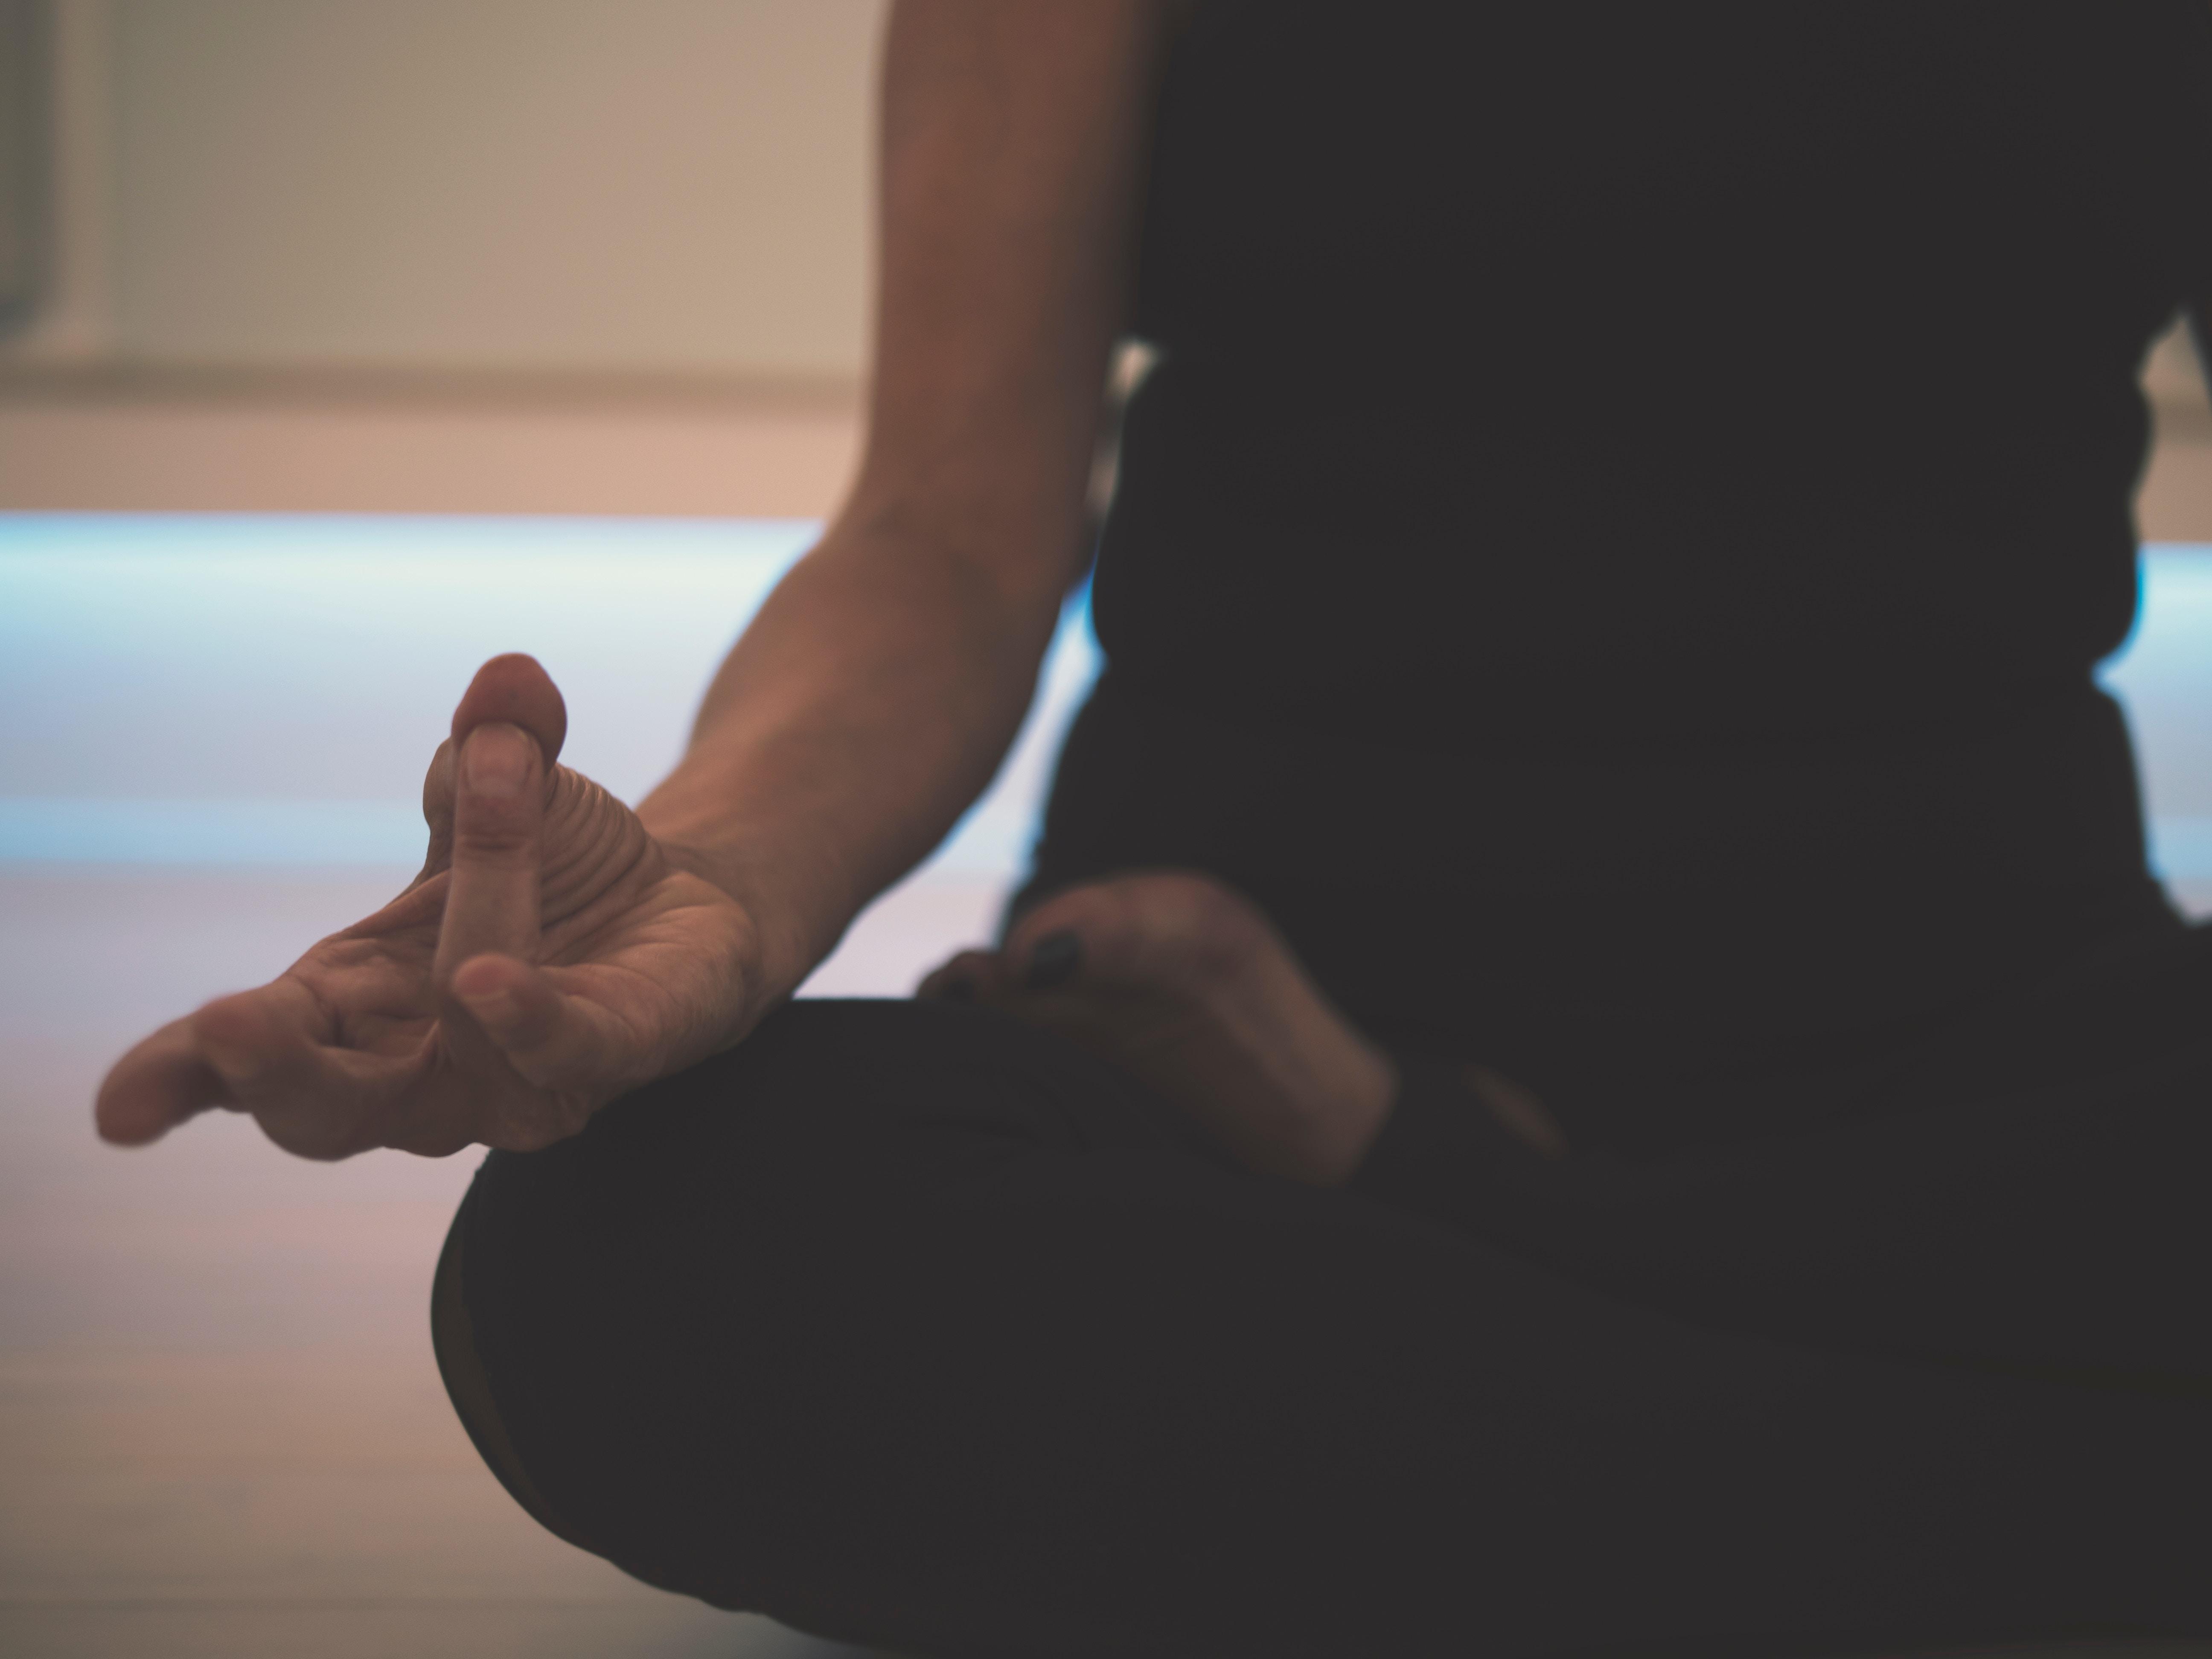 debuter meditation, pratiquer meditation débutant, commencer meditation, initiation méditation